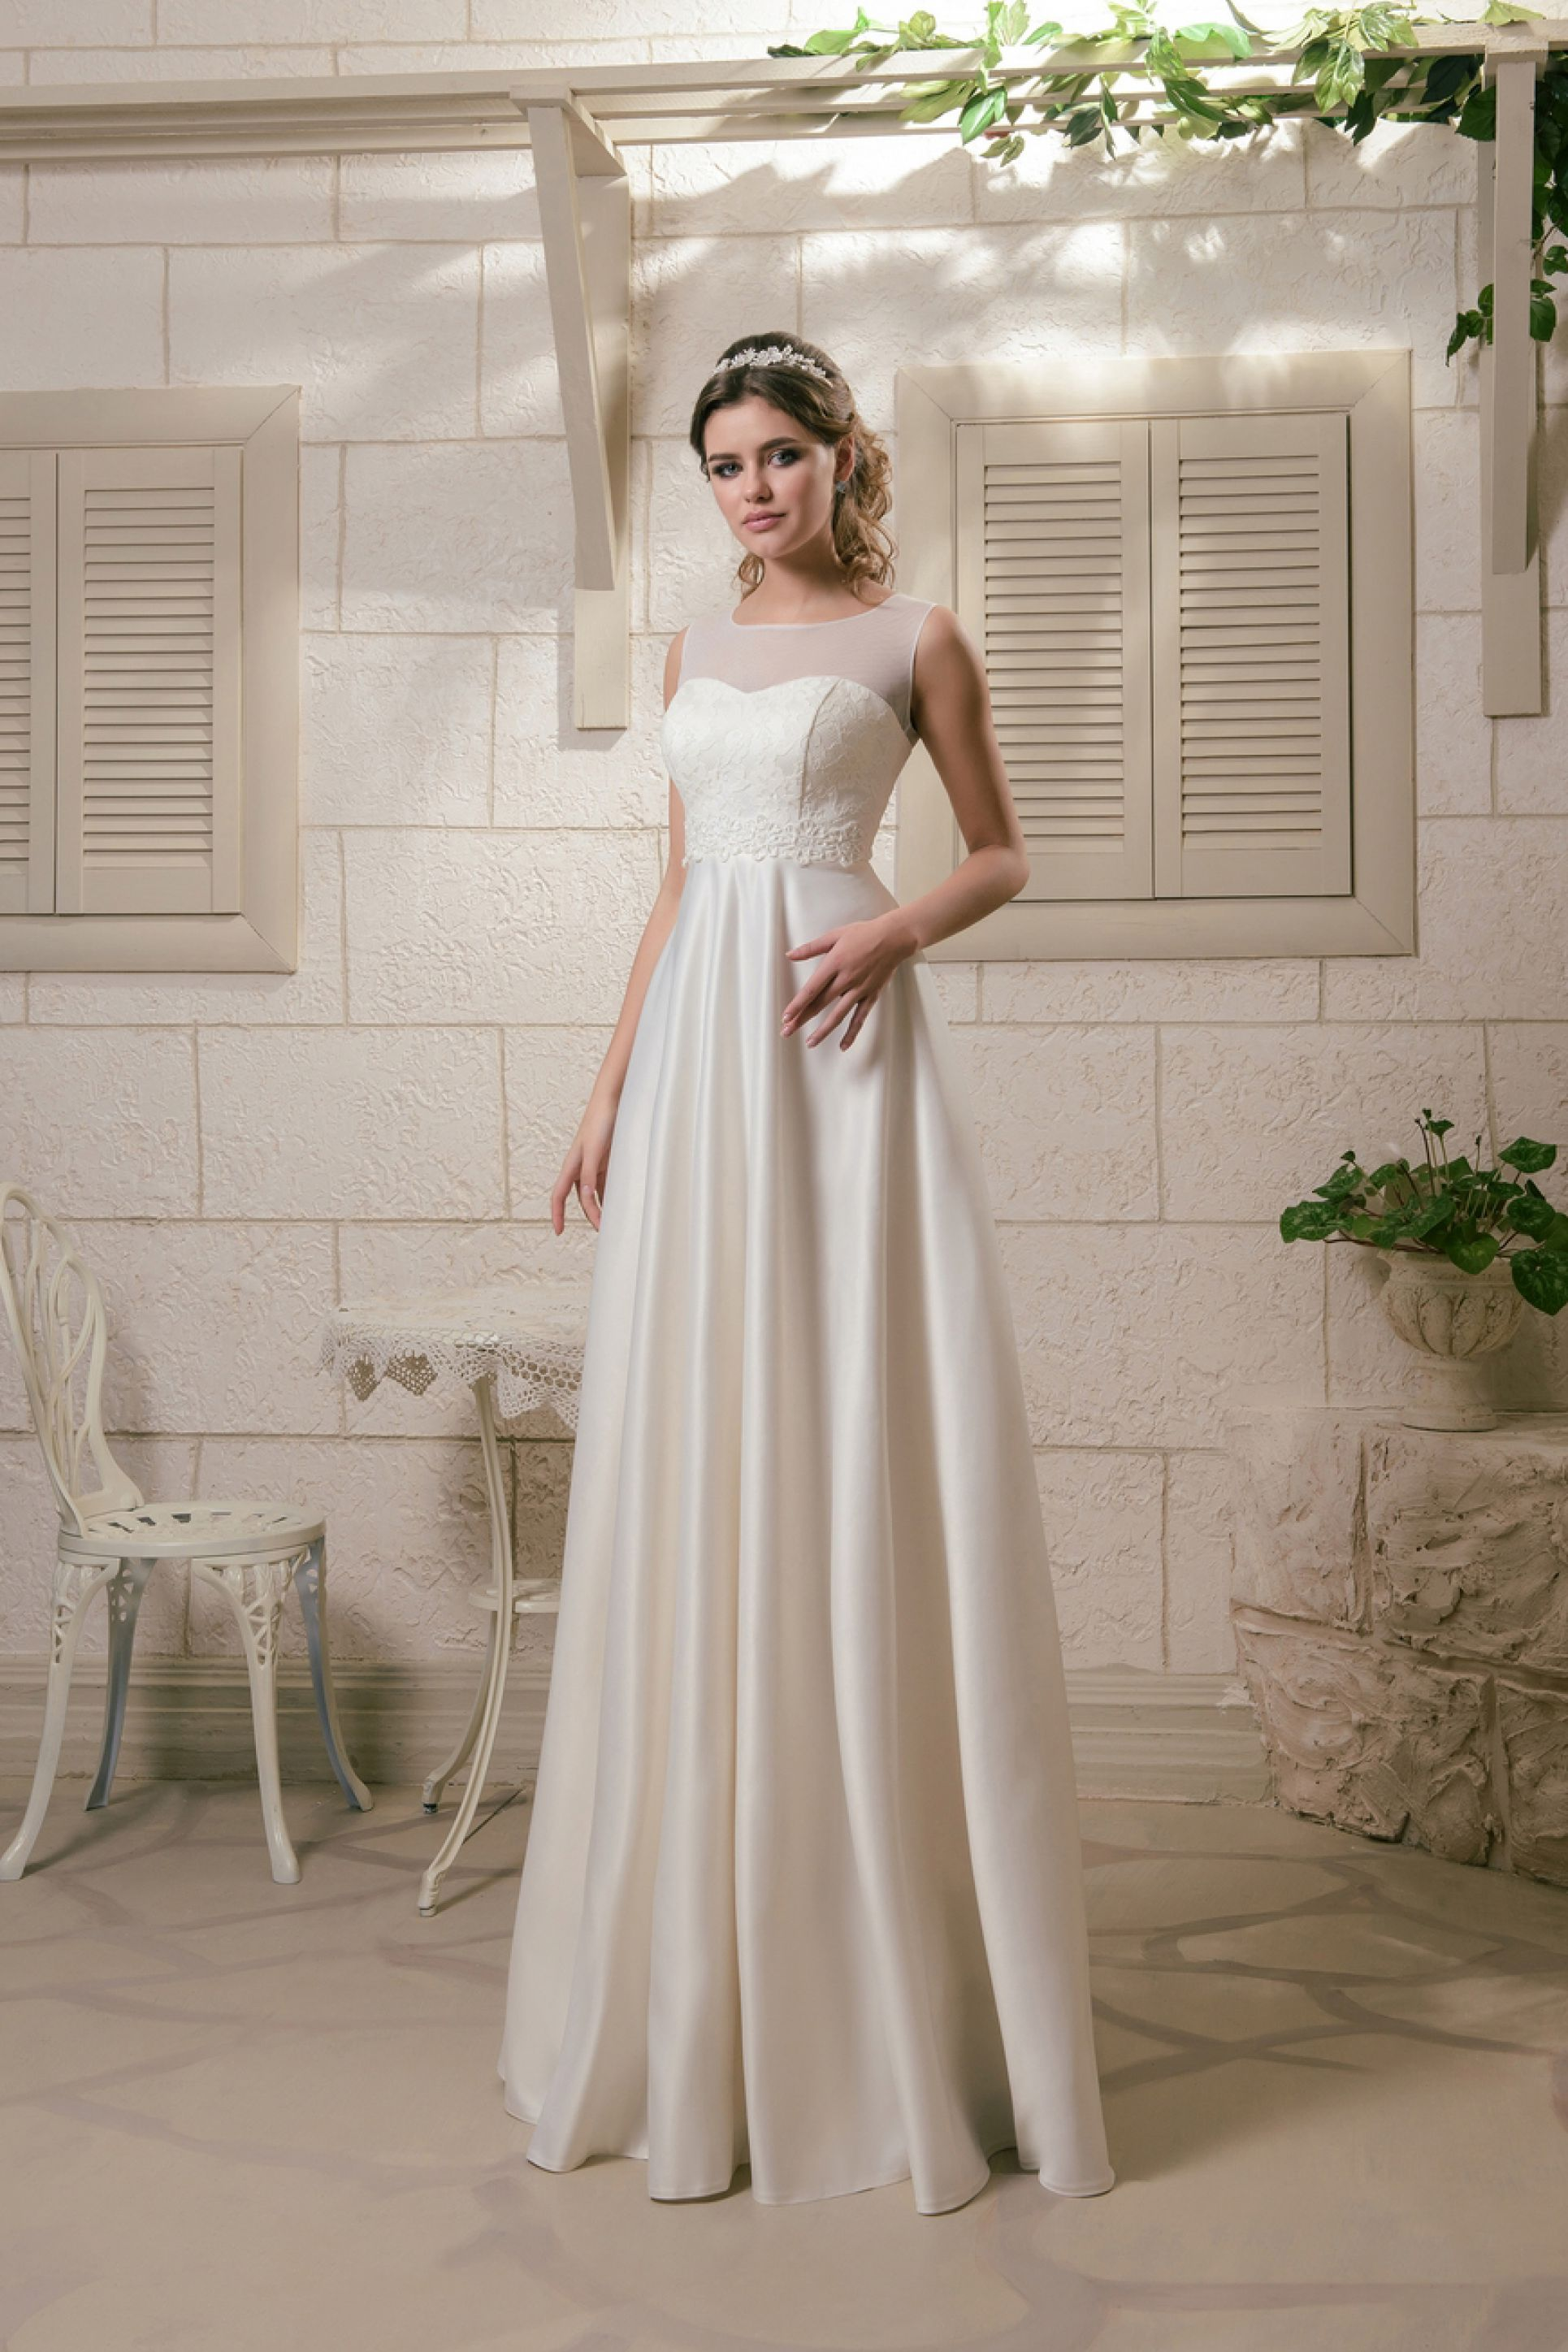 5dabaff0d53 Νυφικό «Roma» - Νυφικά Πολιτικού Γάμου   Νυφικά Είμαι Νύφη